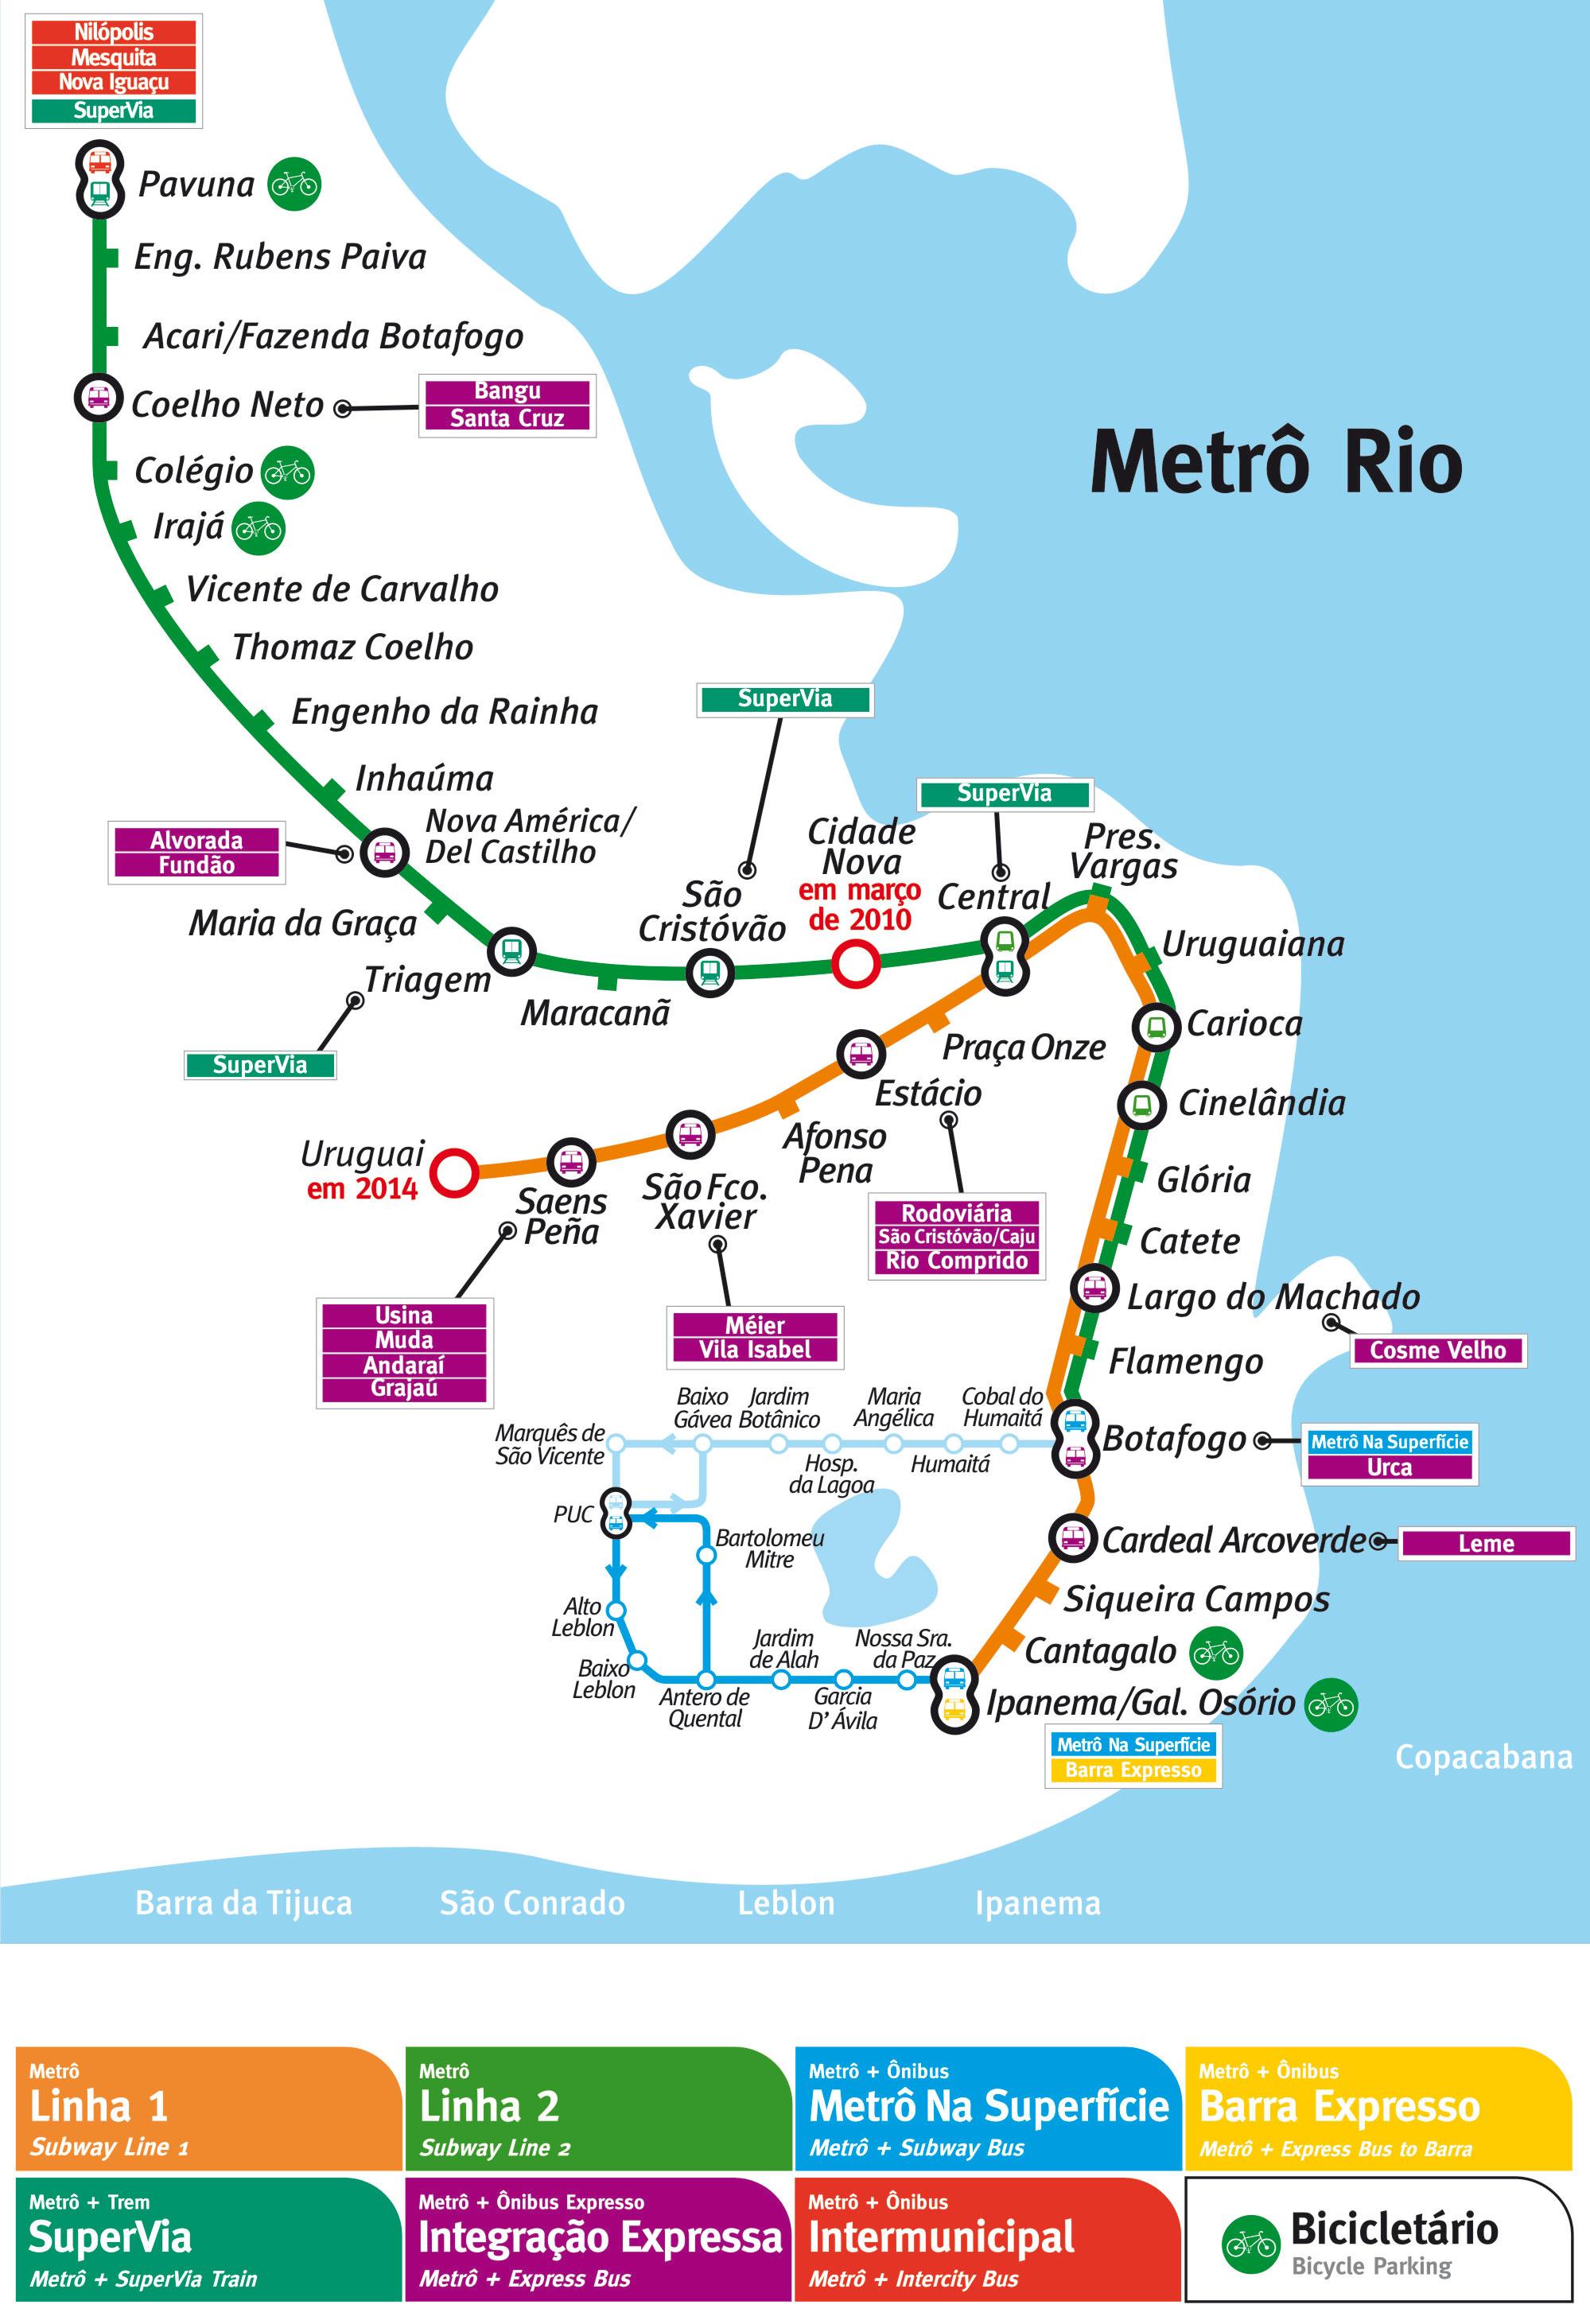 metro rio de janeiro mapa Rio de Janeiro metro map, Brazil metro rio de janeiro mapa